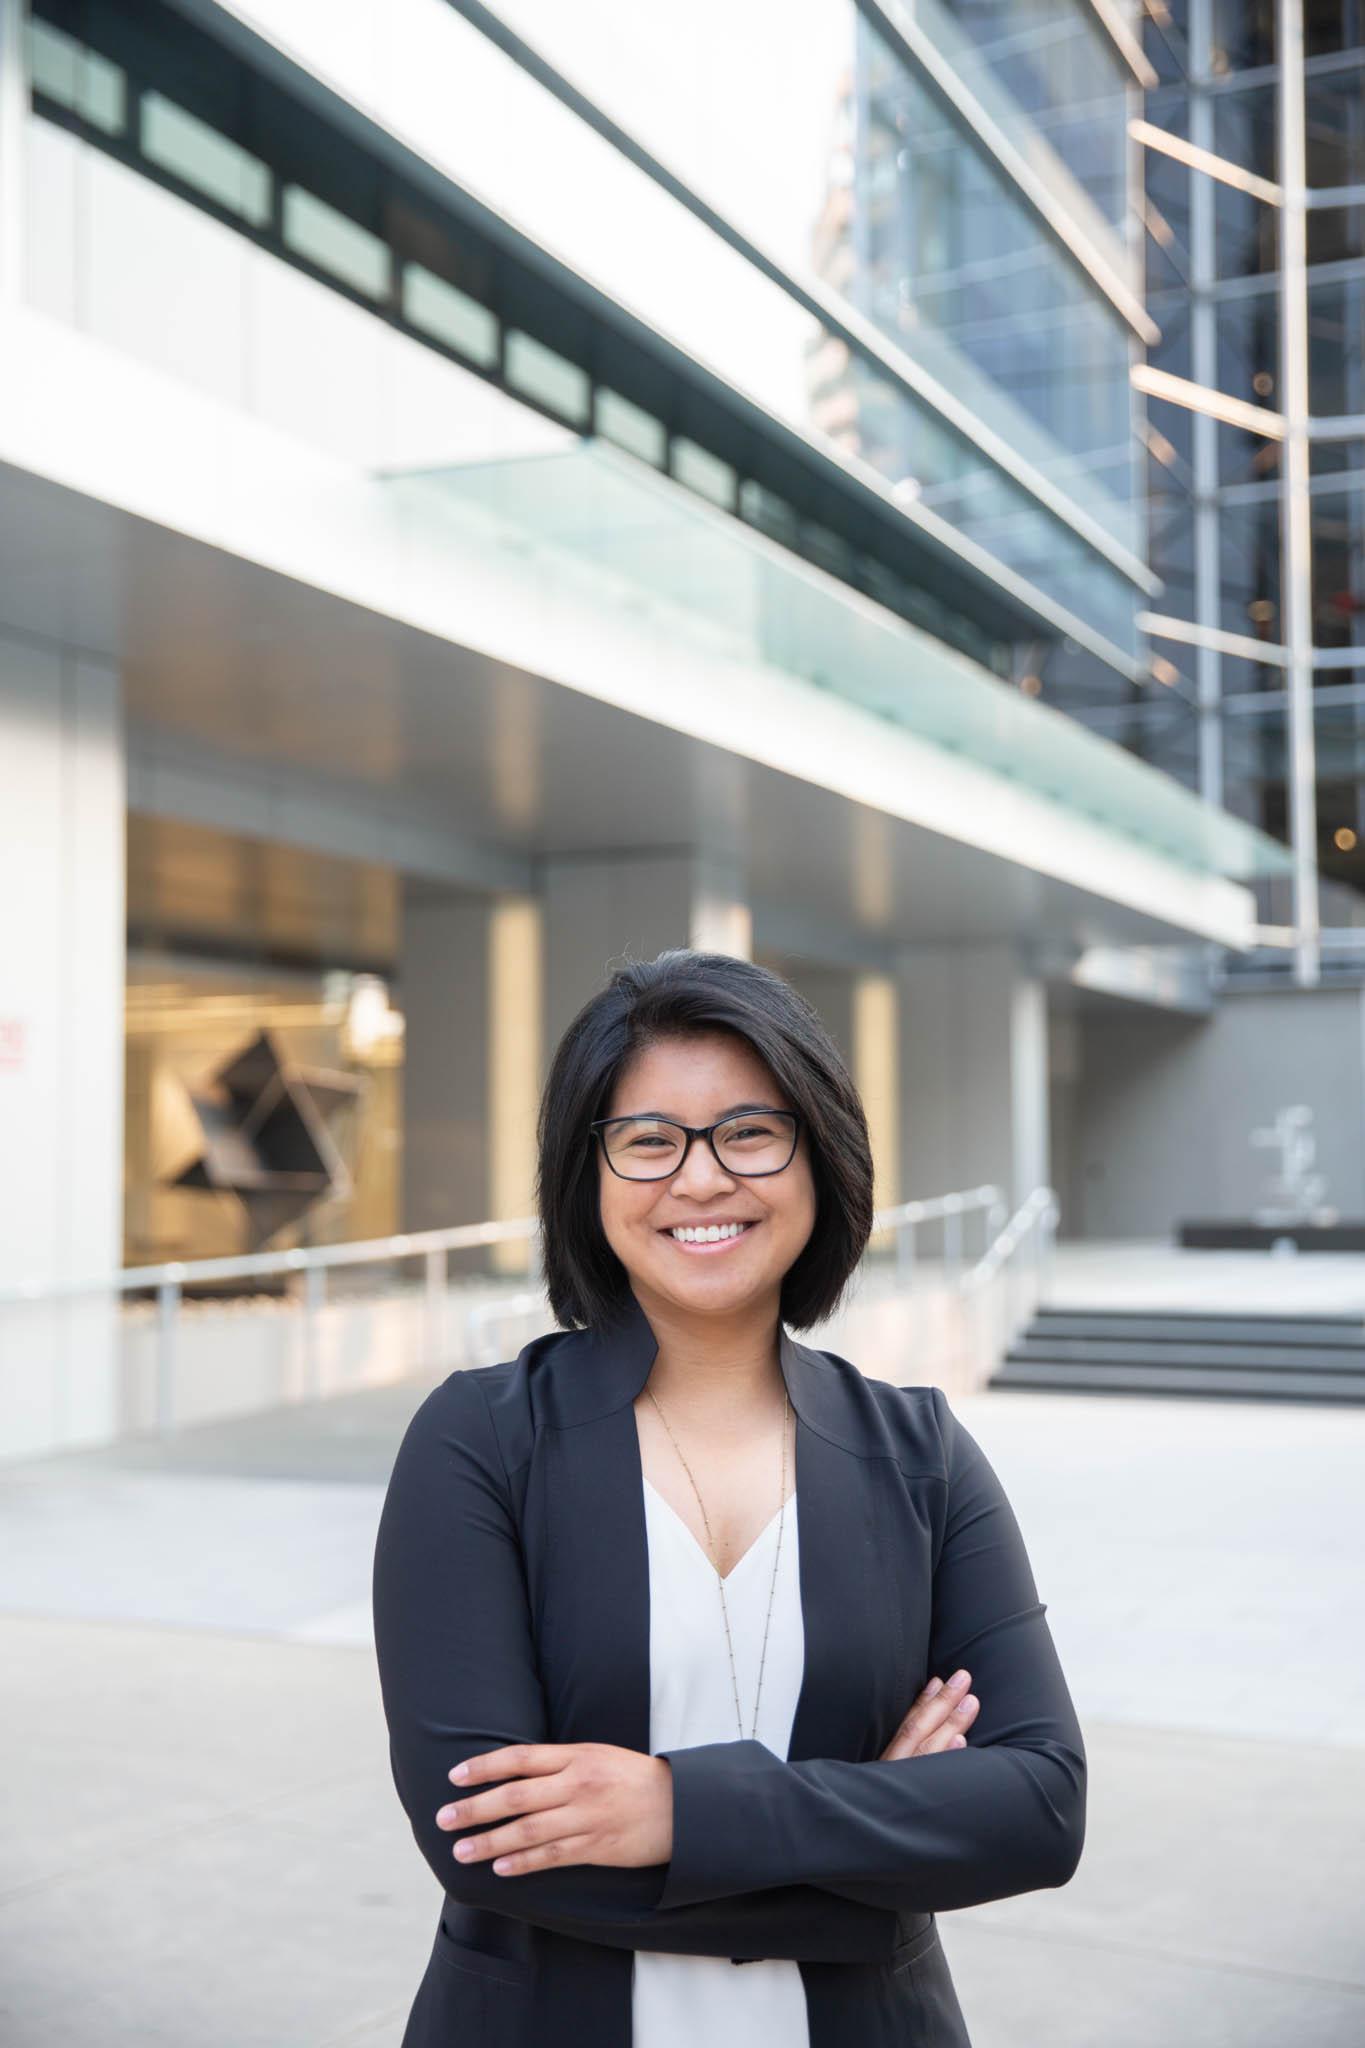 DC Headshots for Female Entrepreneurs